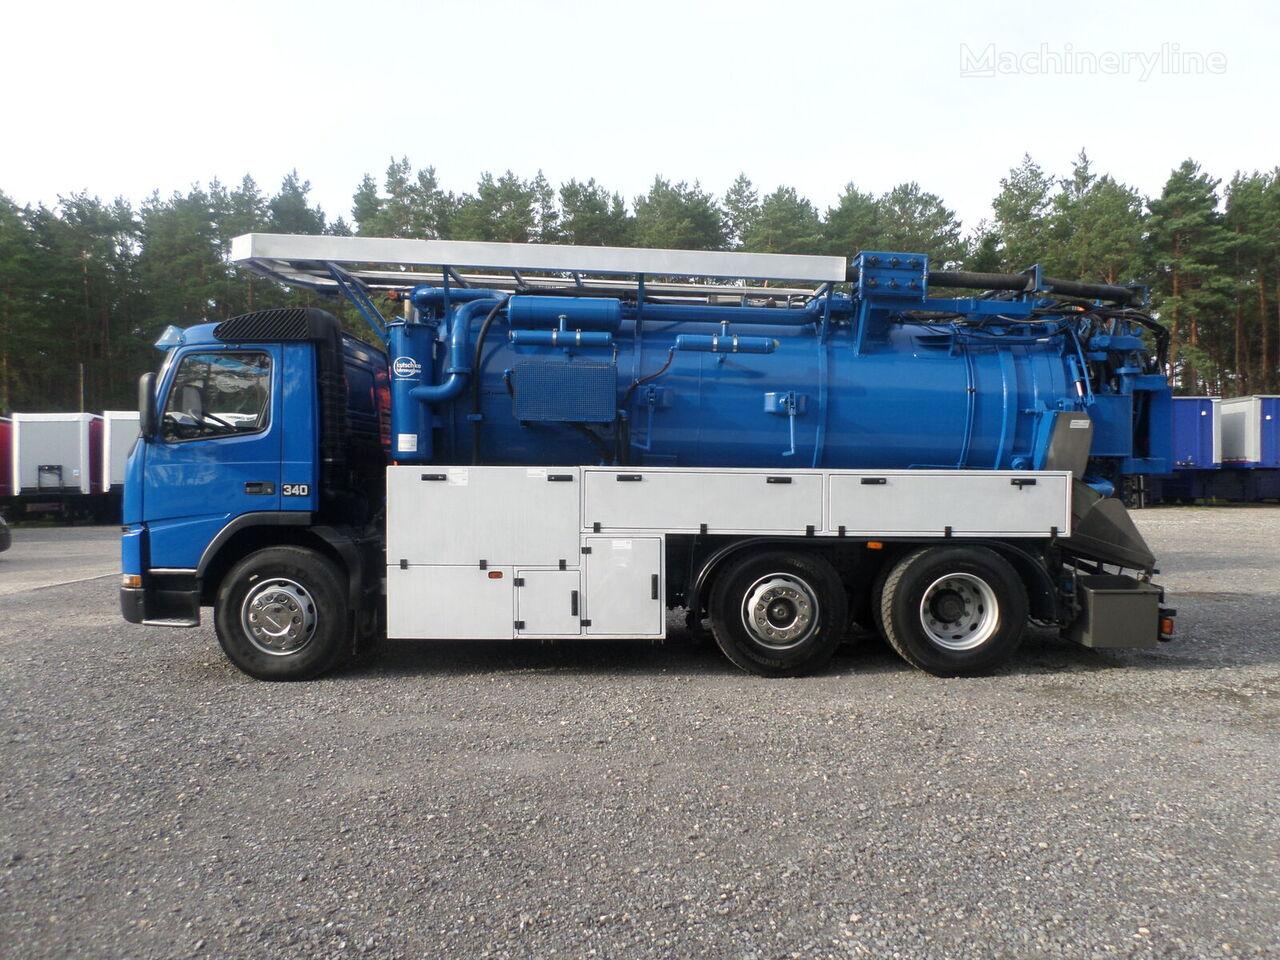 VOLVO FM 340 Kutschke WUKO Water recycling vacuum truck